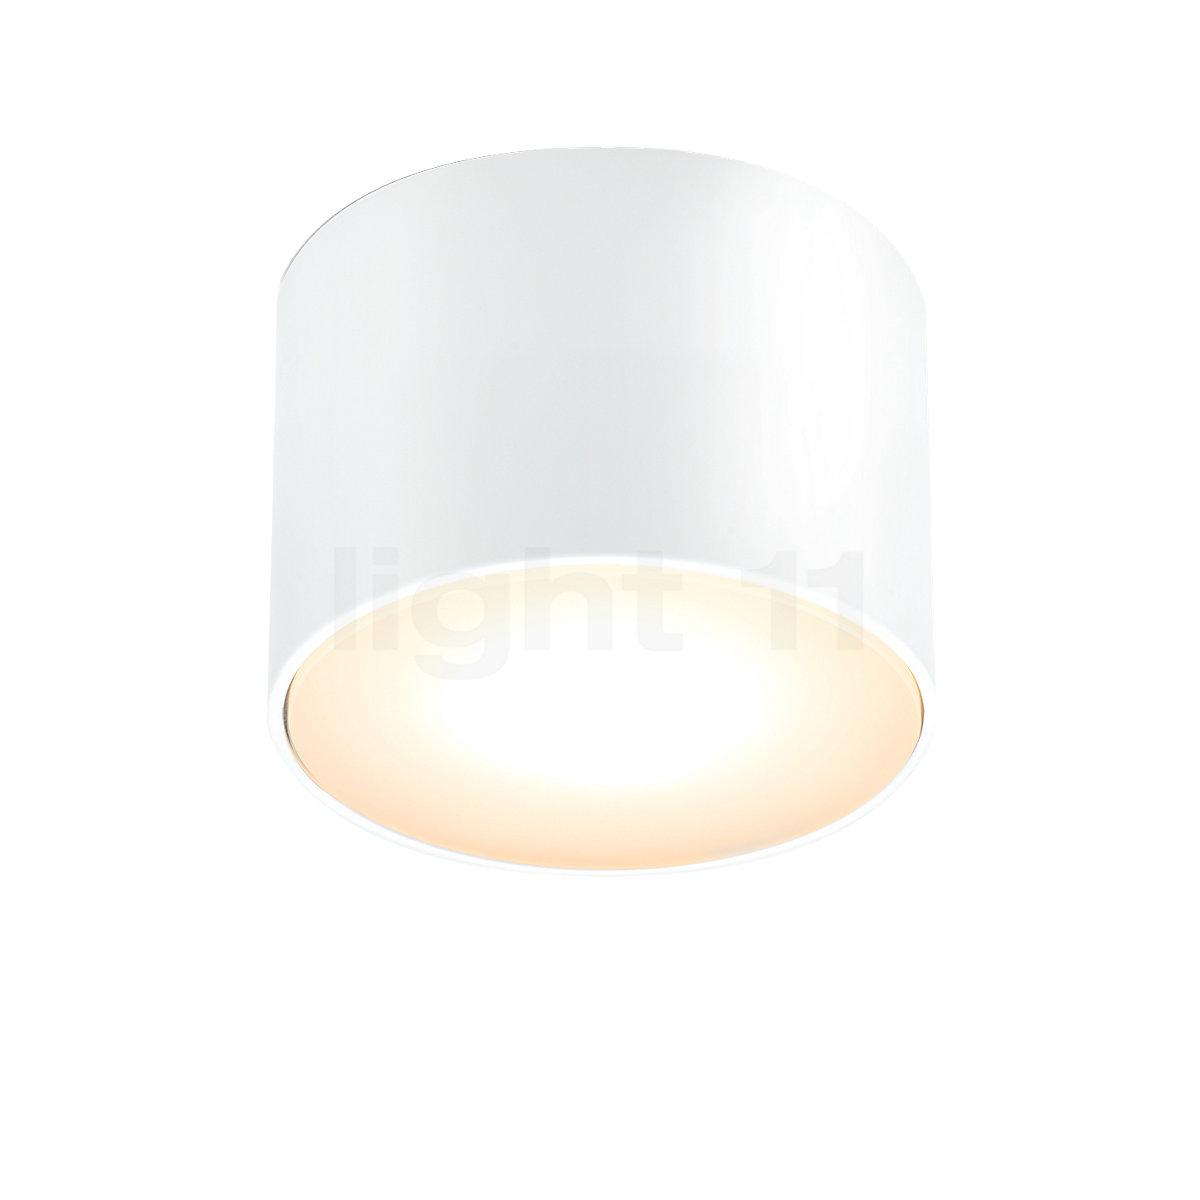 LED superficie Mawa Mawa Warnemündelámpara de wk8n0XOP